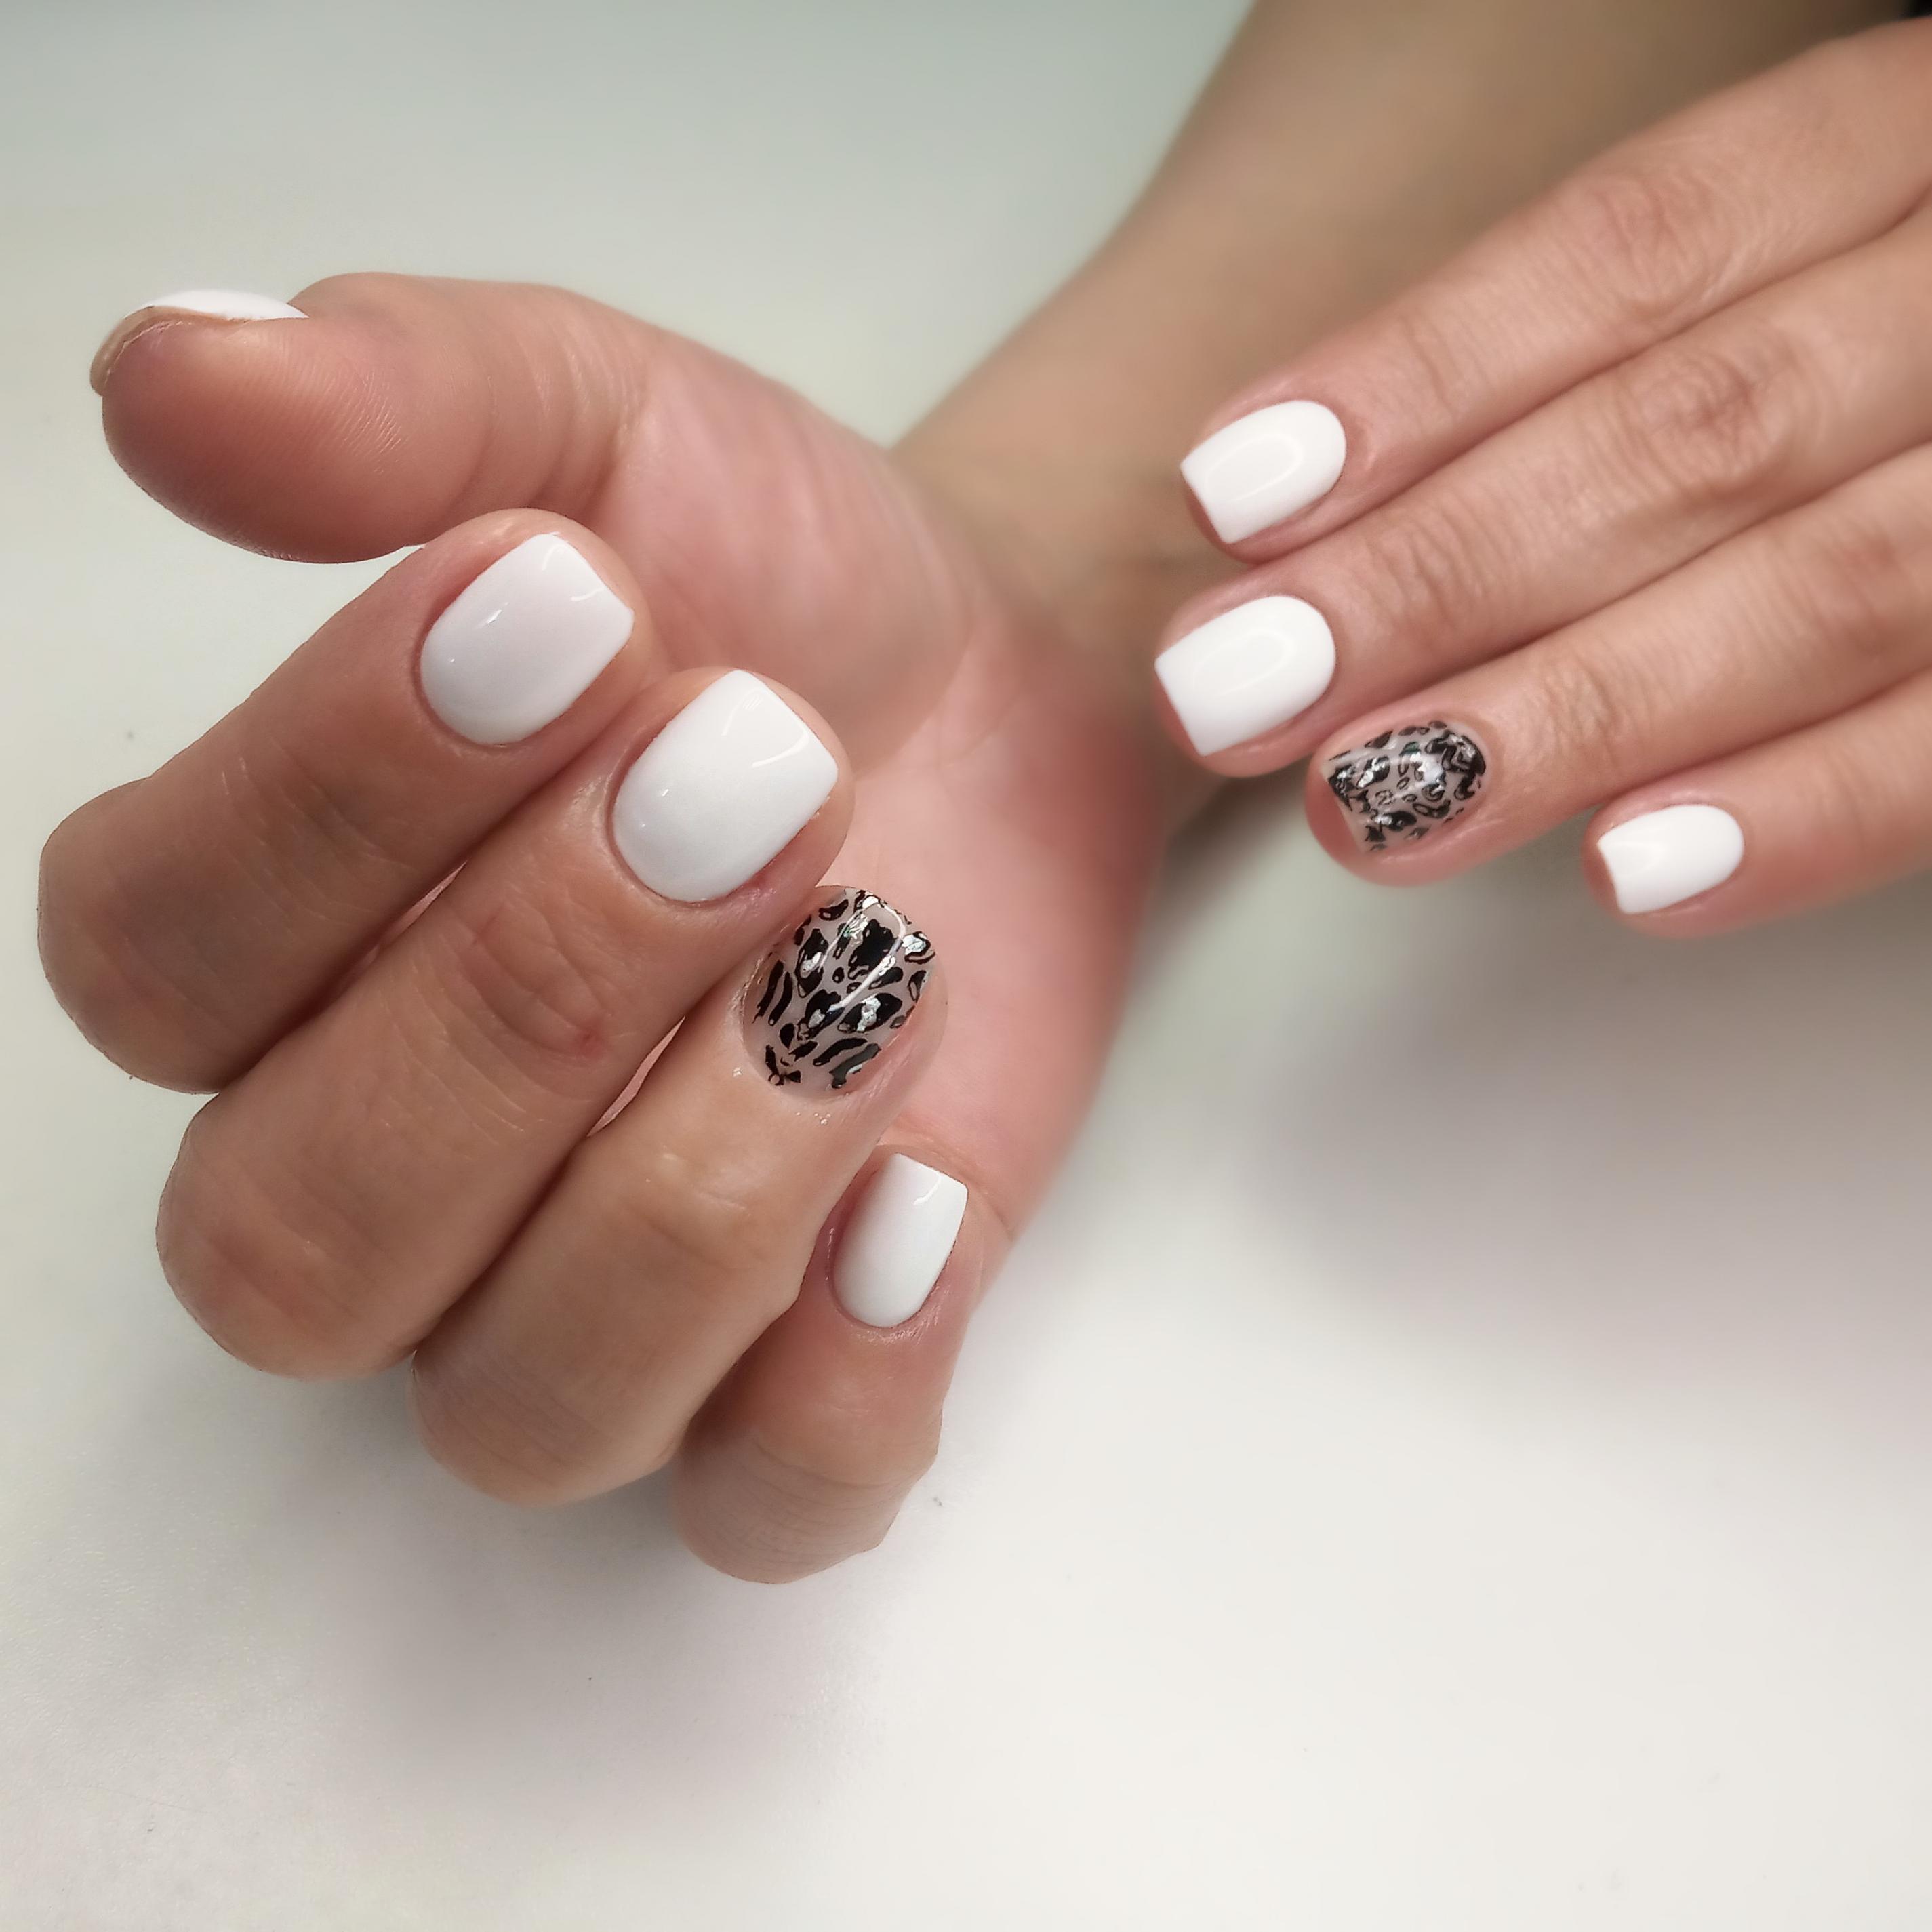 Маникюр с леопардовым принтом в белом цвете на короткие ногти.